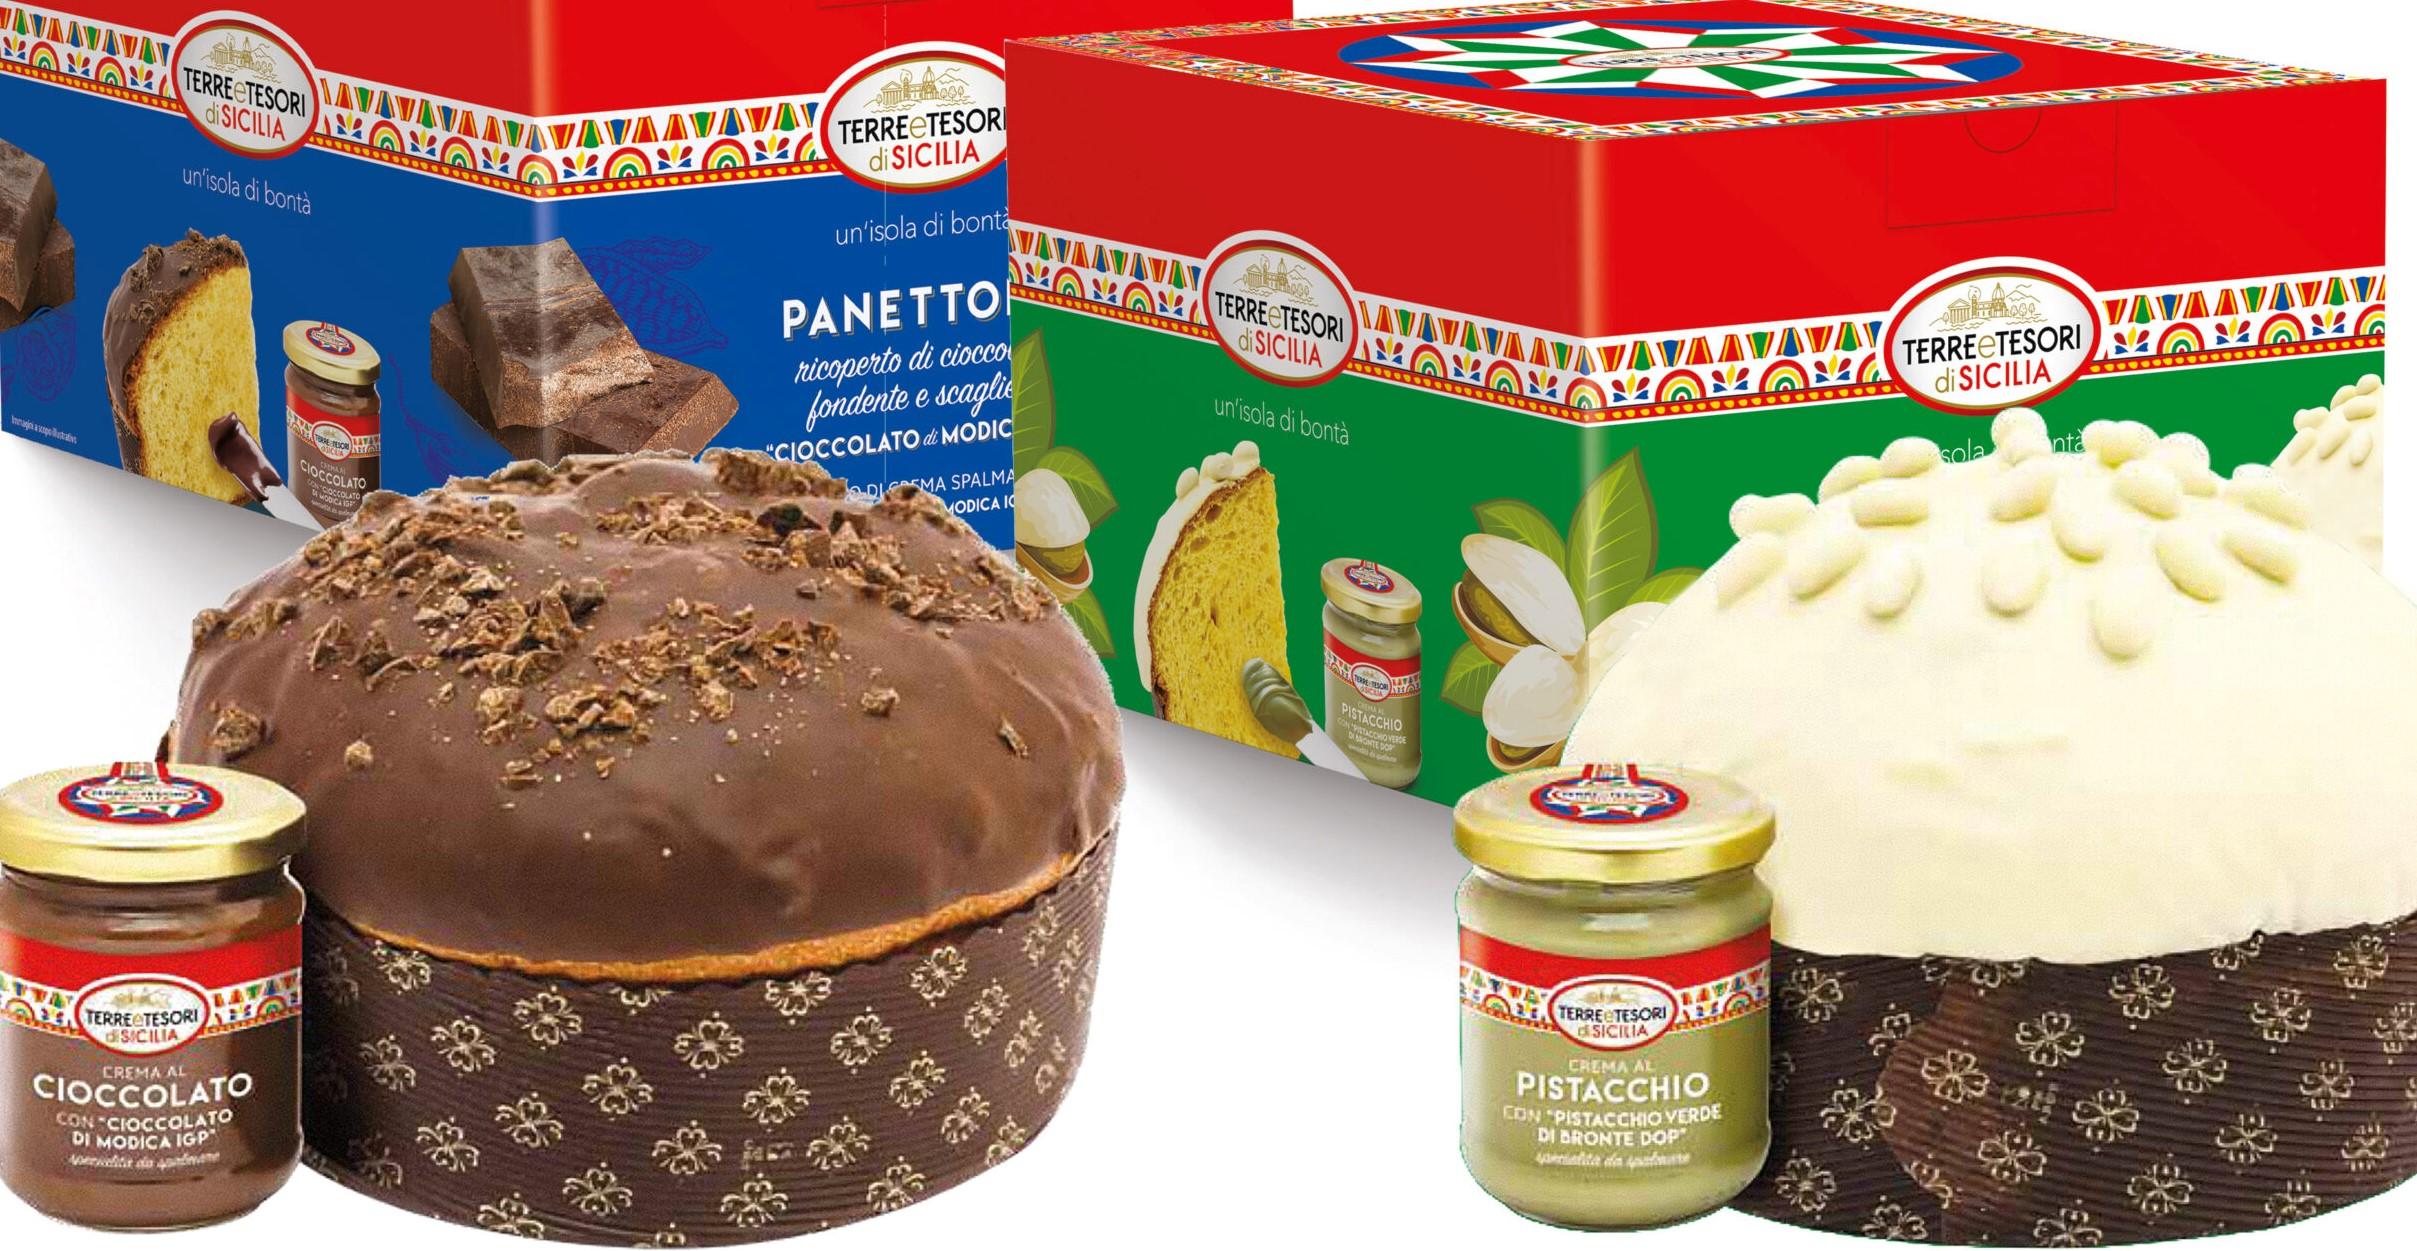 Cioccolato di Modica e pistacchio di Bronte in una linea di panettoni siciliani